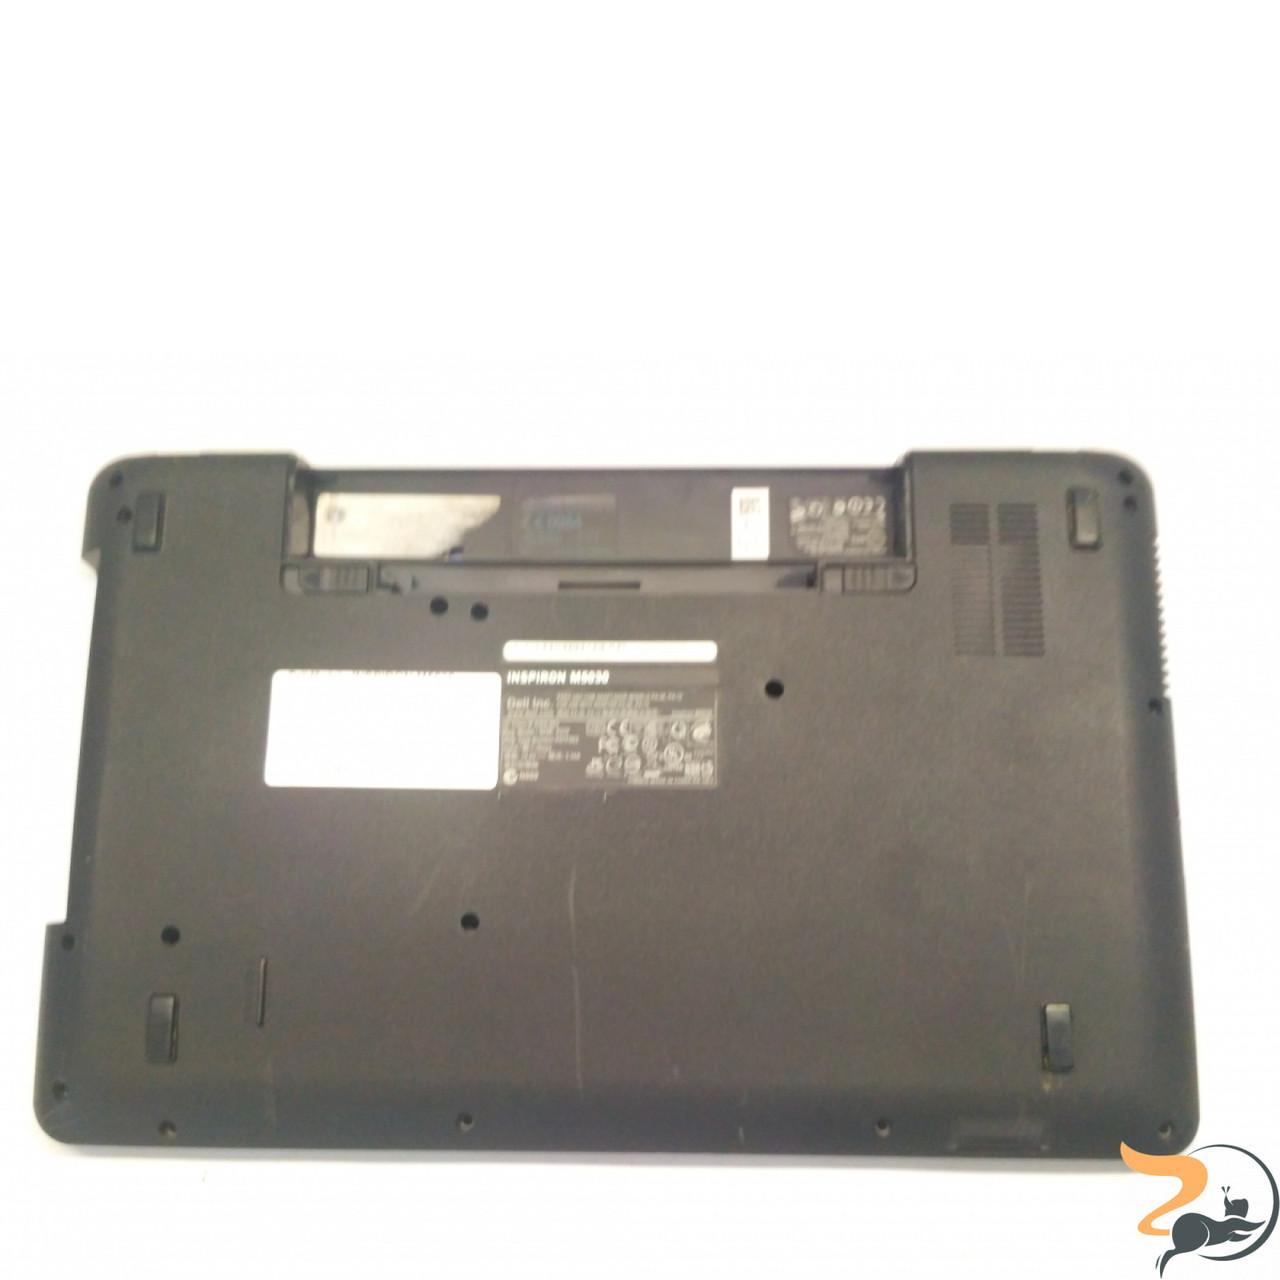 """Нижня частина корпуса для ноутбука Dell Inspiron M5030, 15.6"""", 60.4EM24.002, Б/В. Всі кріплення цілі.Без пошкоджень."""